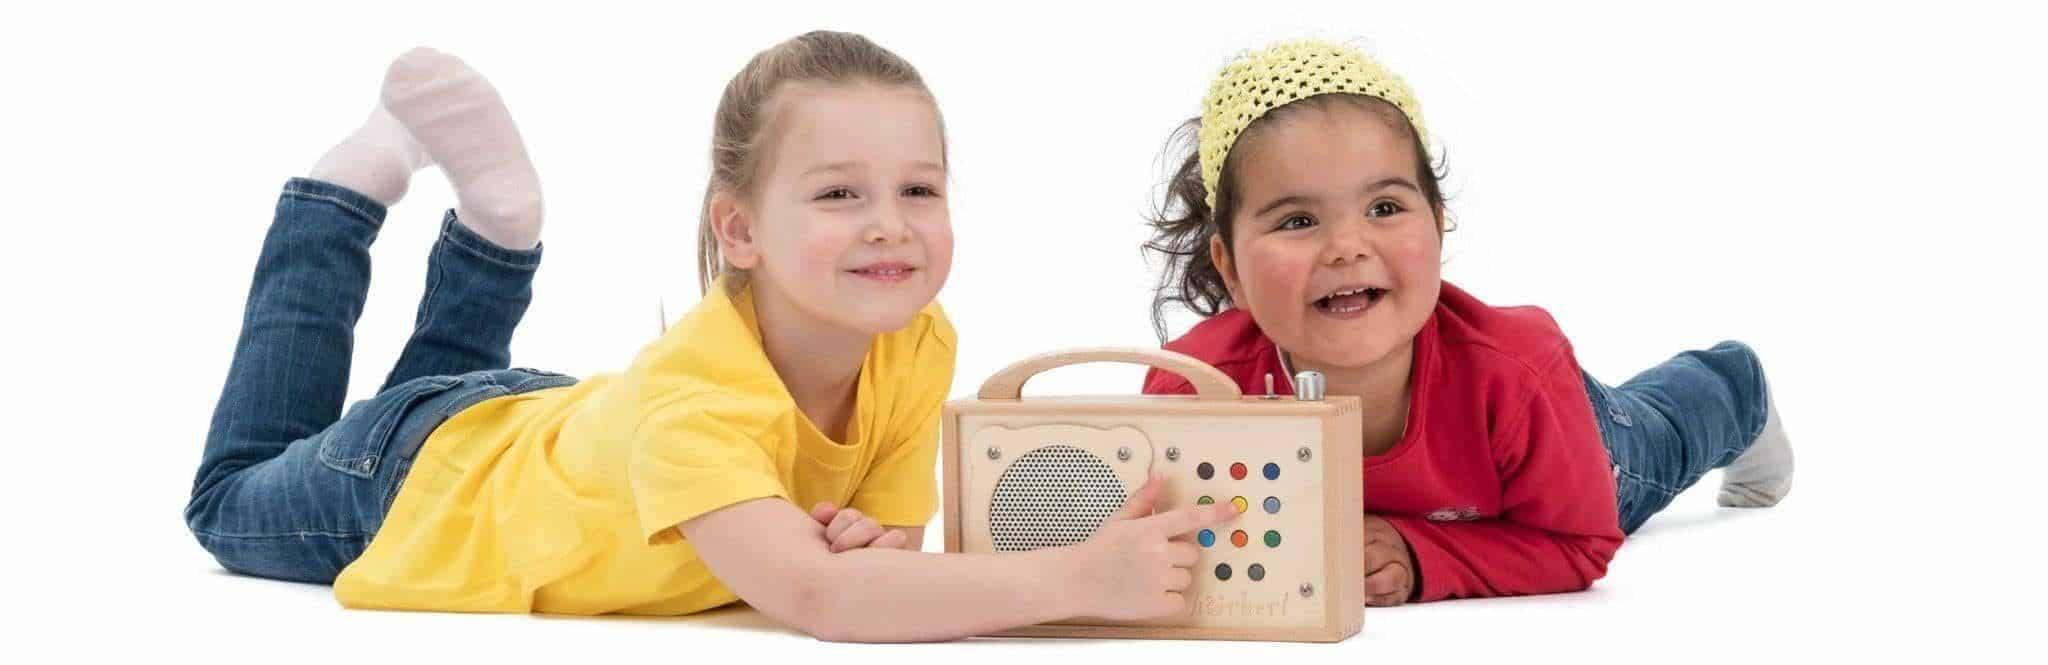 Zwei Mädchen haben Spaß mit hörbert